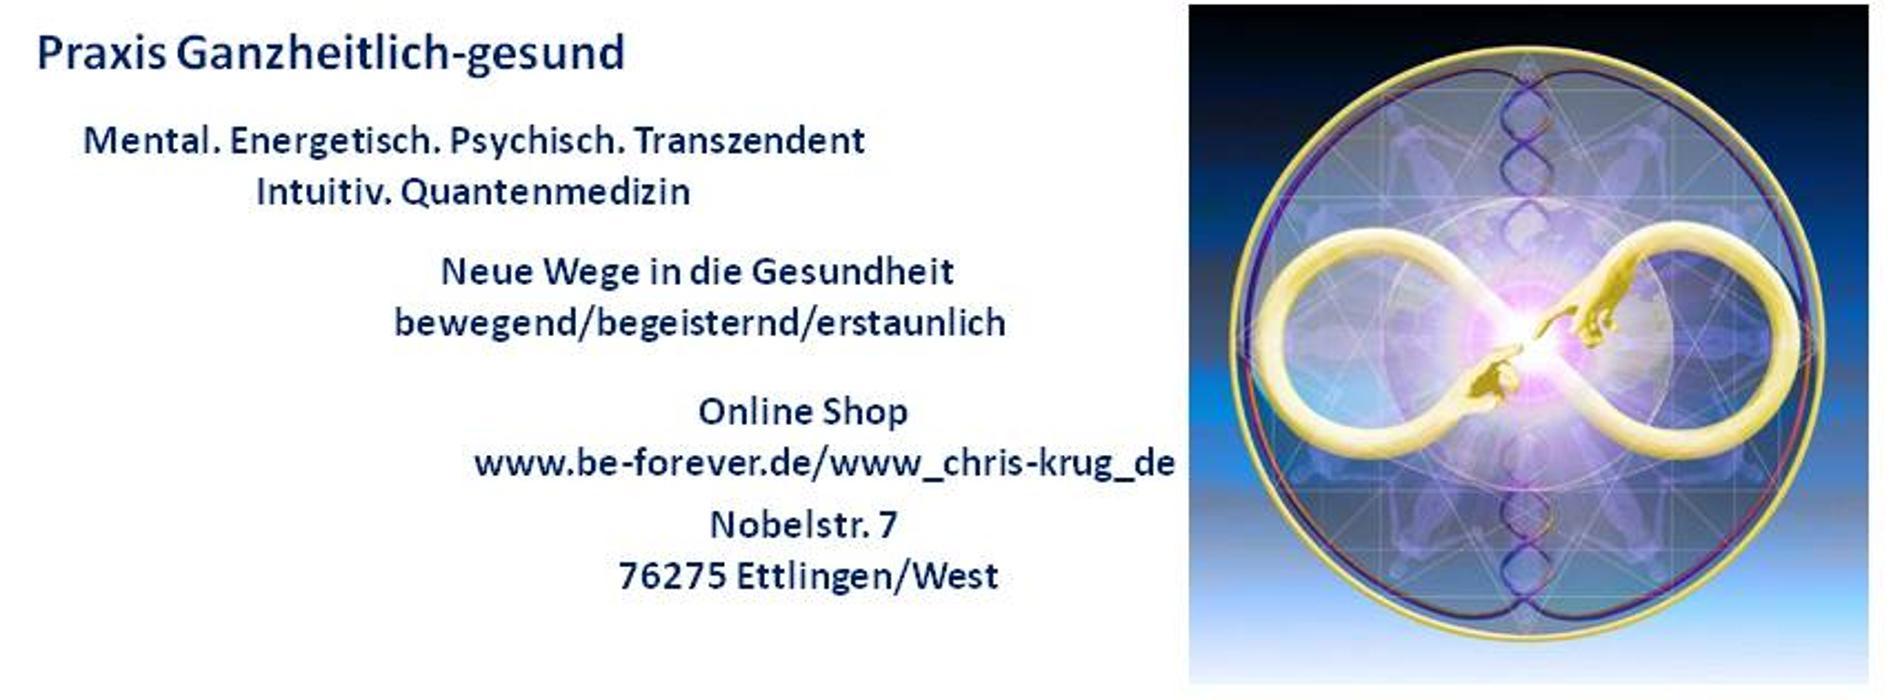 Bild zu Praxis Ganzheitliche-gesundheit Christa Krug in Ettlingen